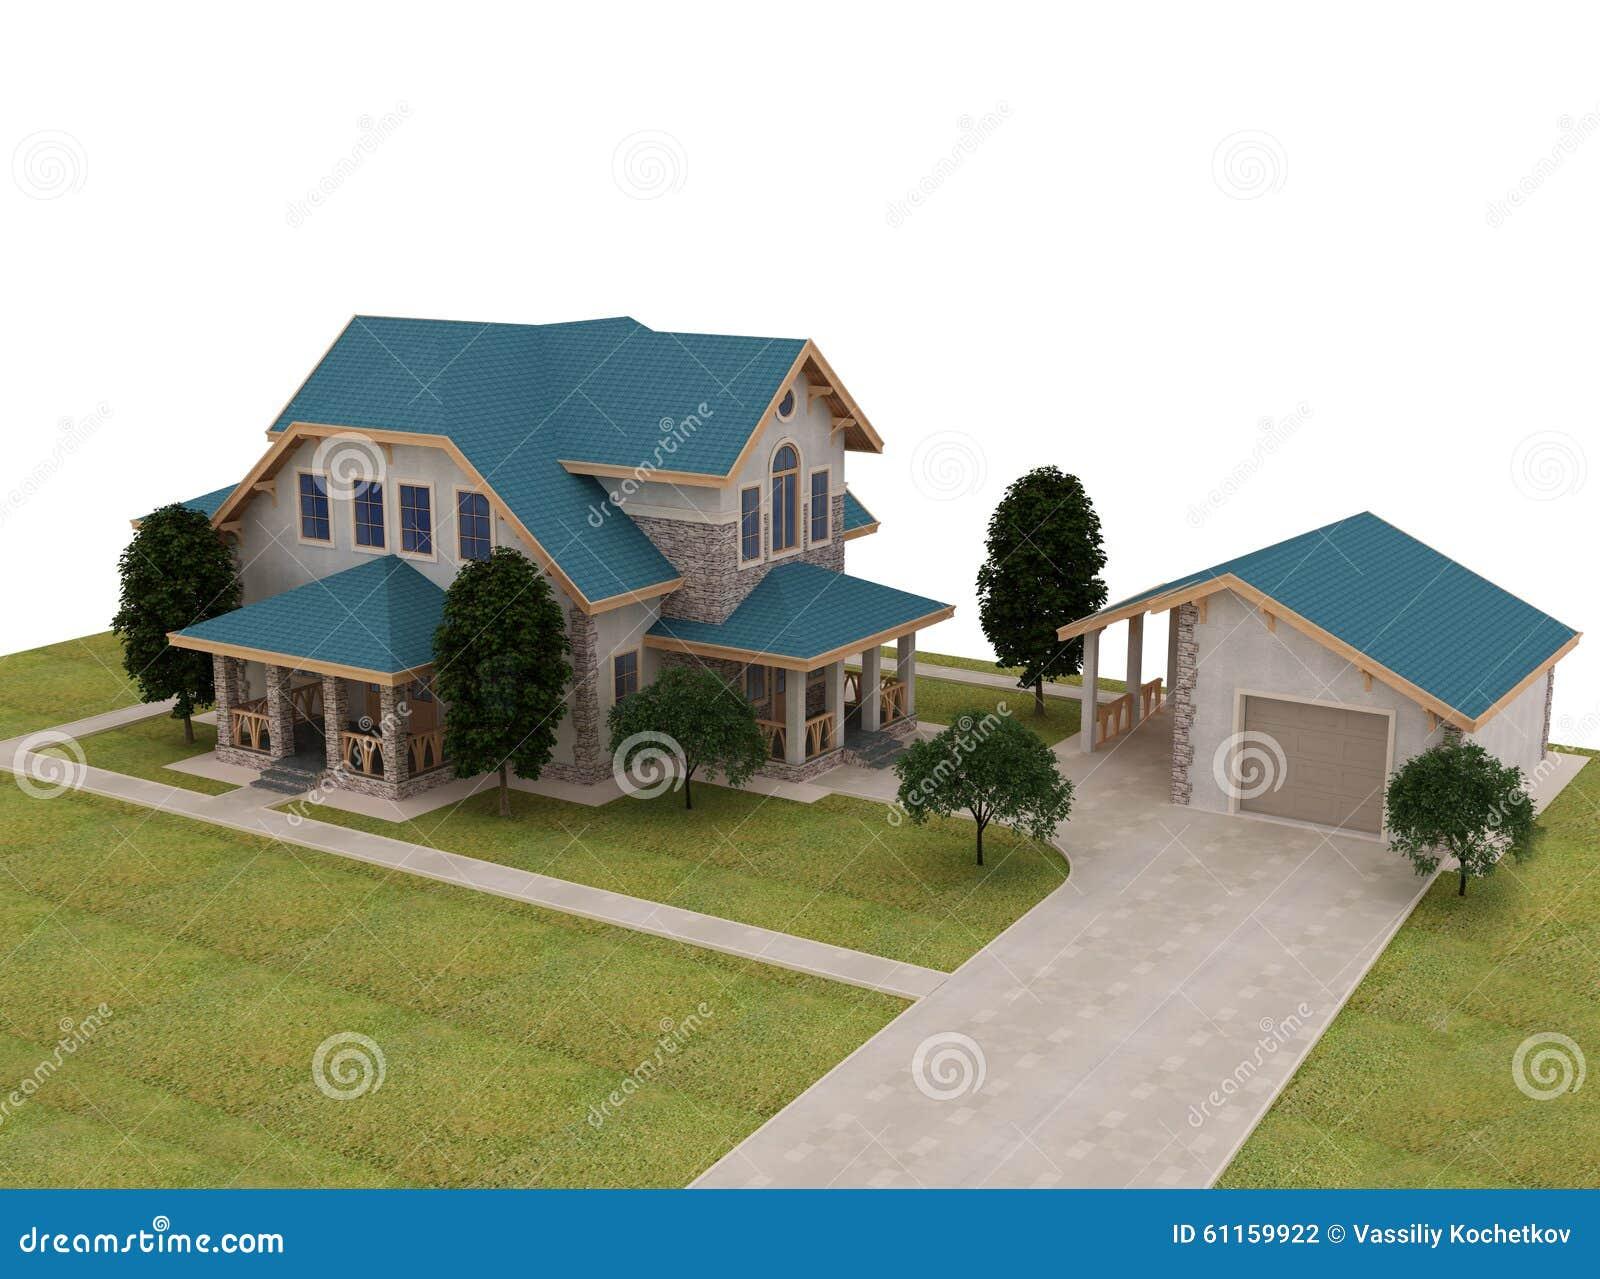 Rinda la cabaña 3d con un tejado azul